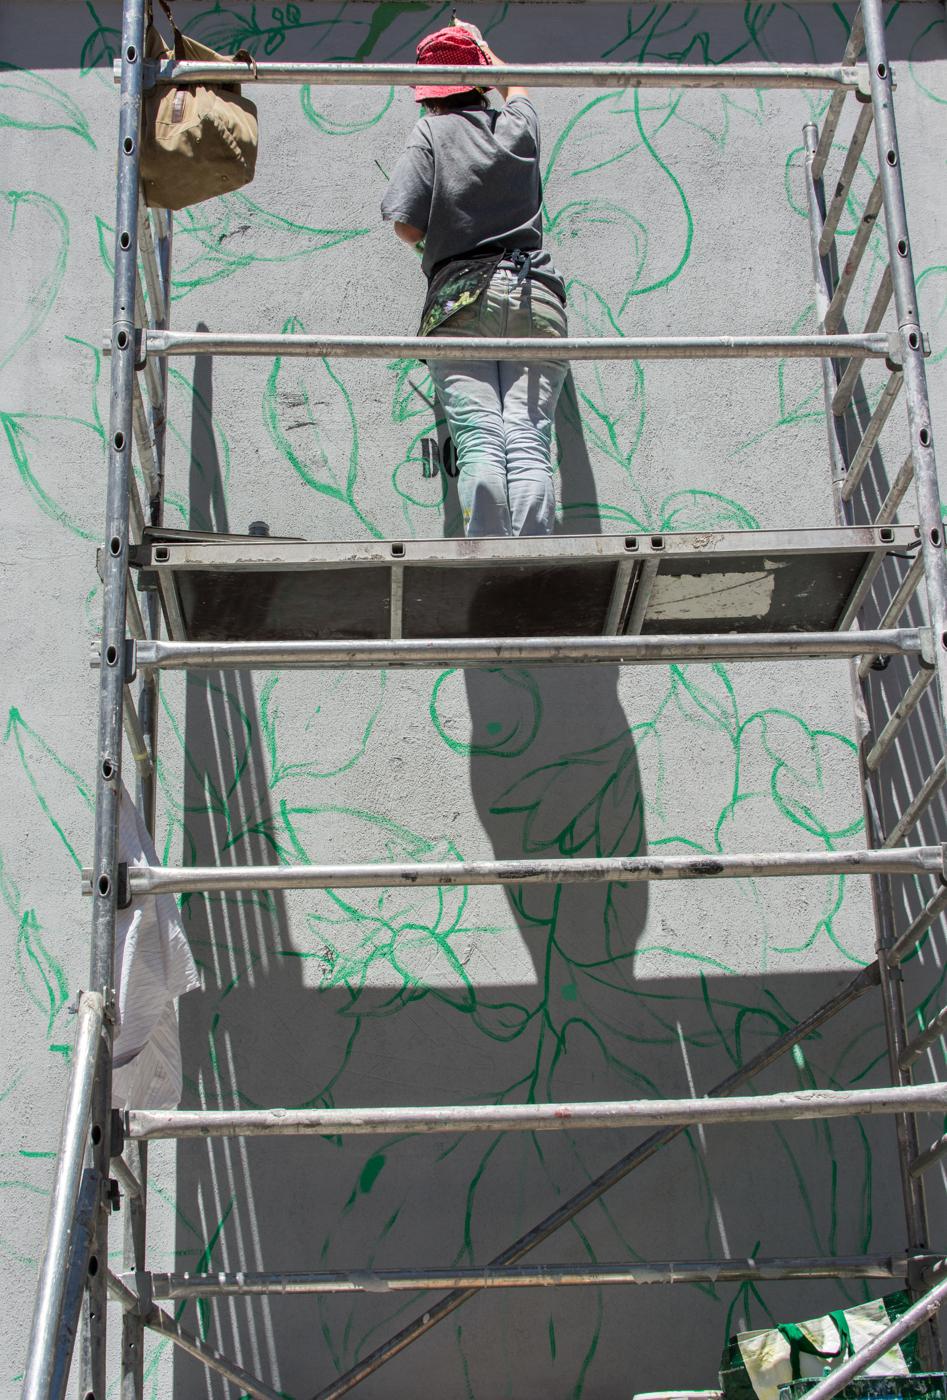 Doa Oa - MurosTabacalera by Guillermo de la Madrid - Madrid Street Art Project-001.jpg